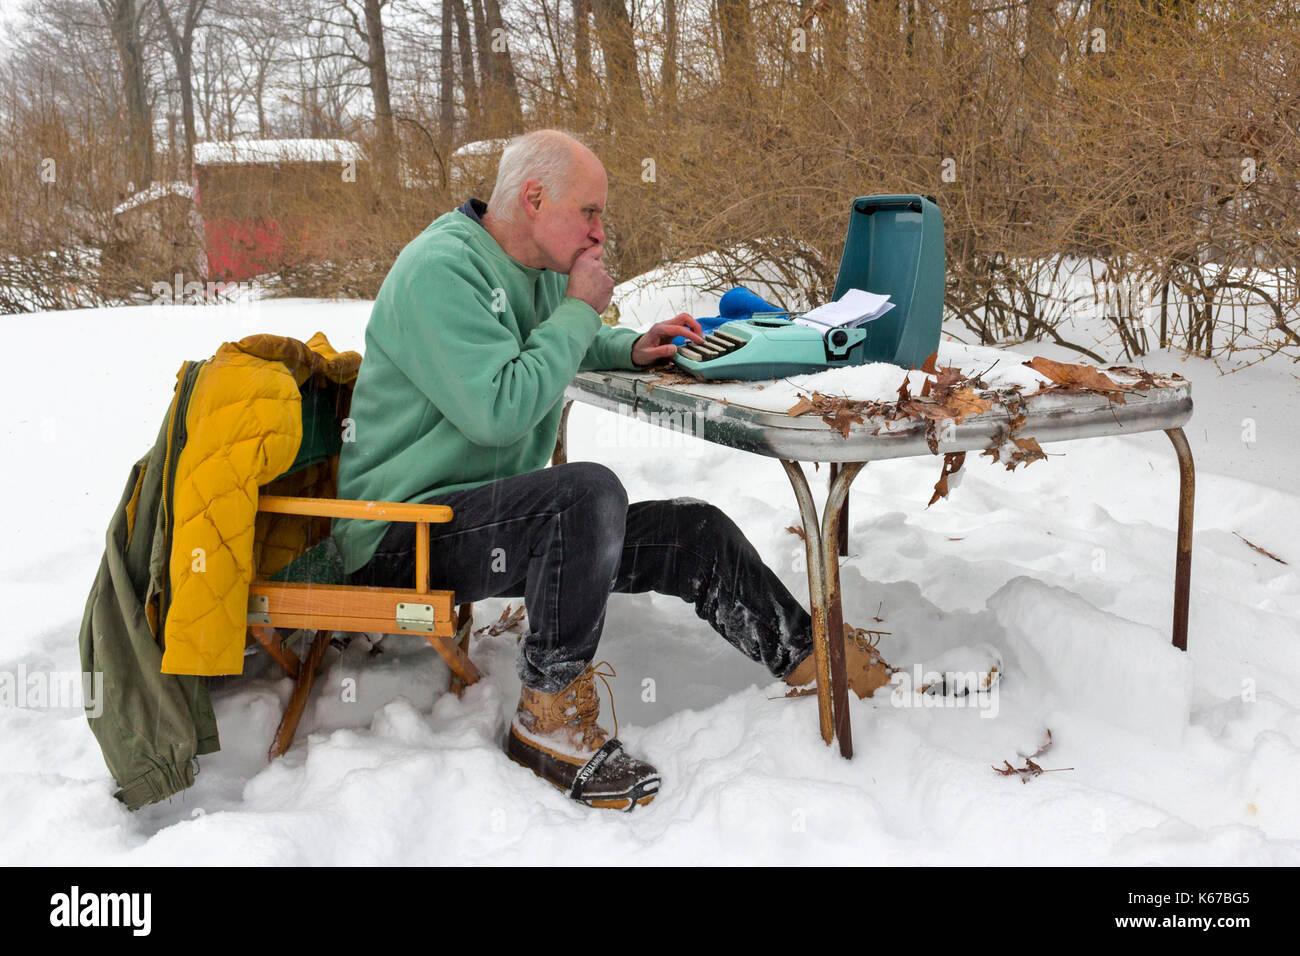 Uno scrittore seduti ad un tavolo esterno durante una tempesta di neve e digitando su una macchina da scrivere. Immagini Stock